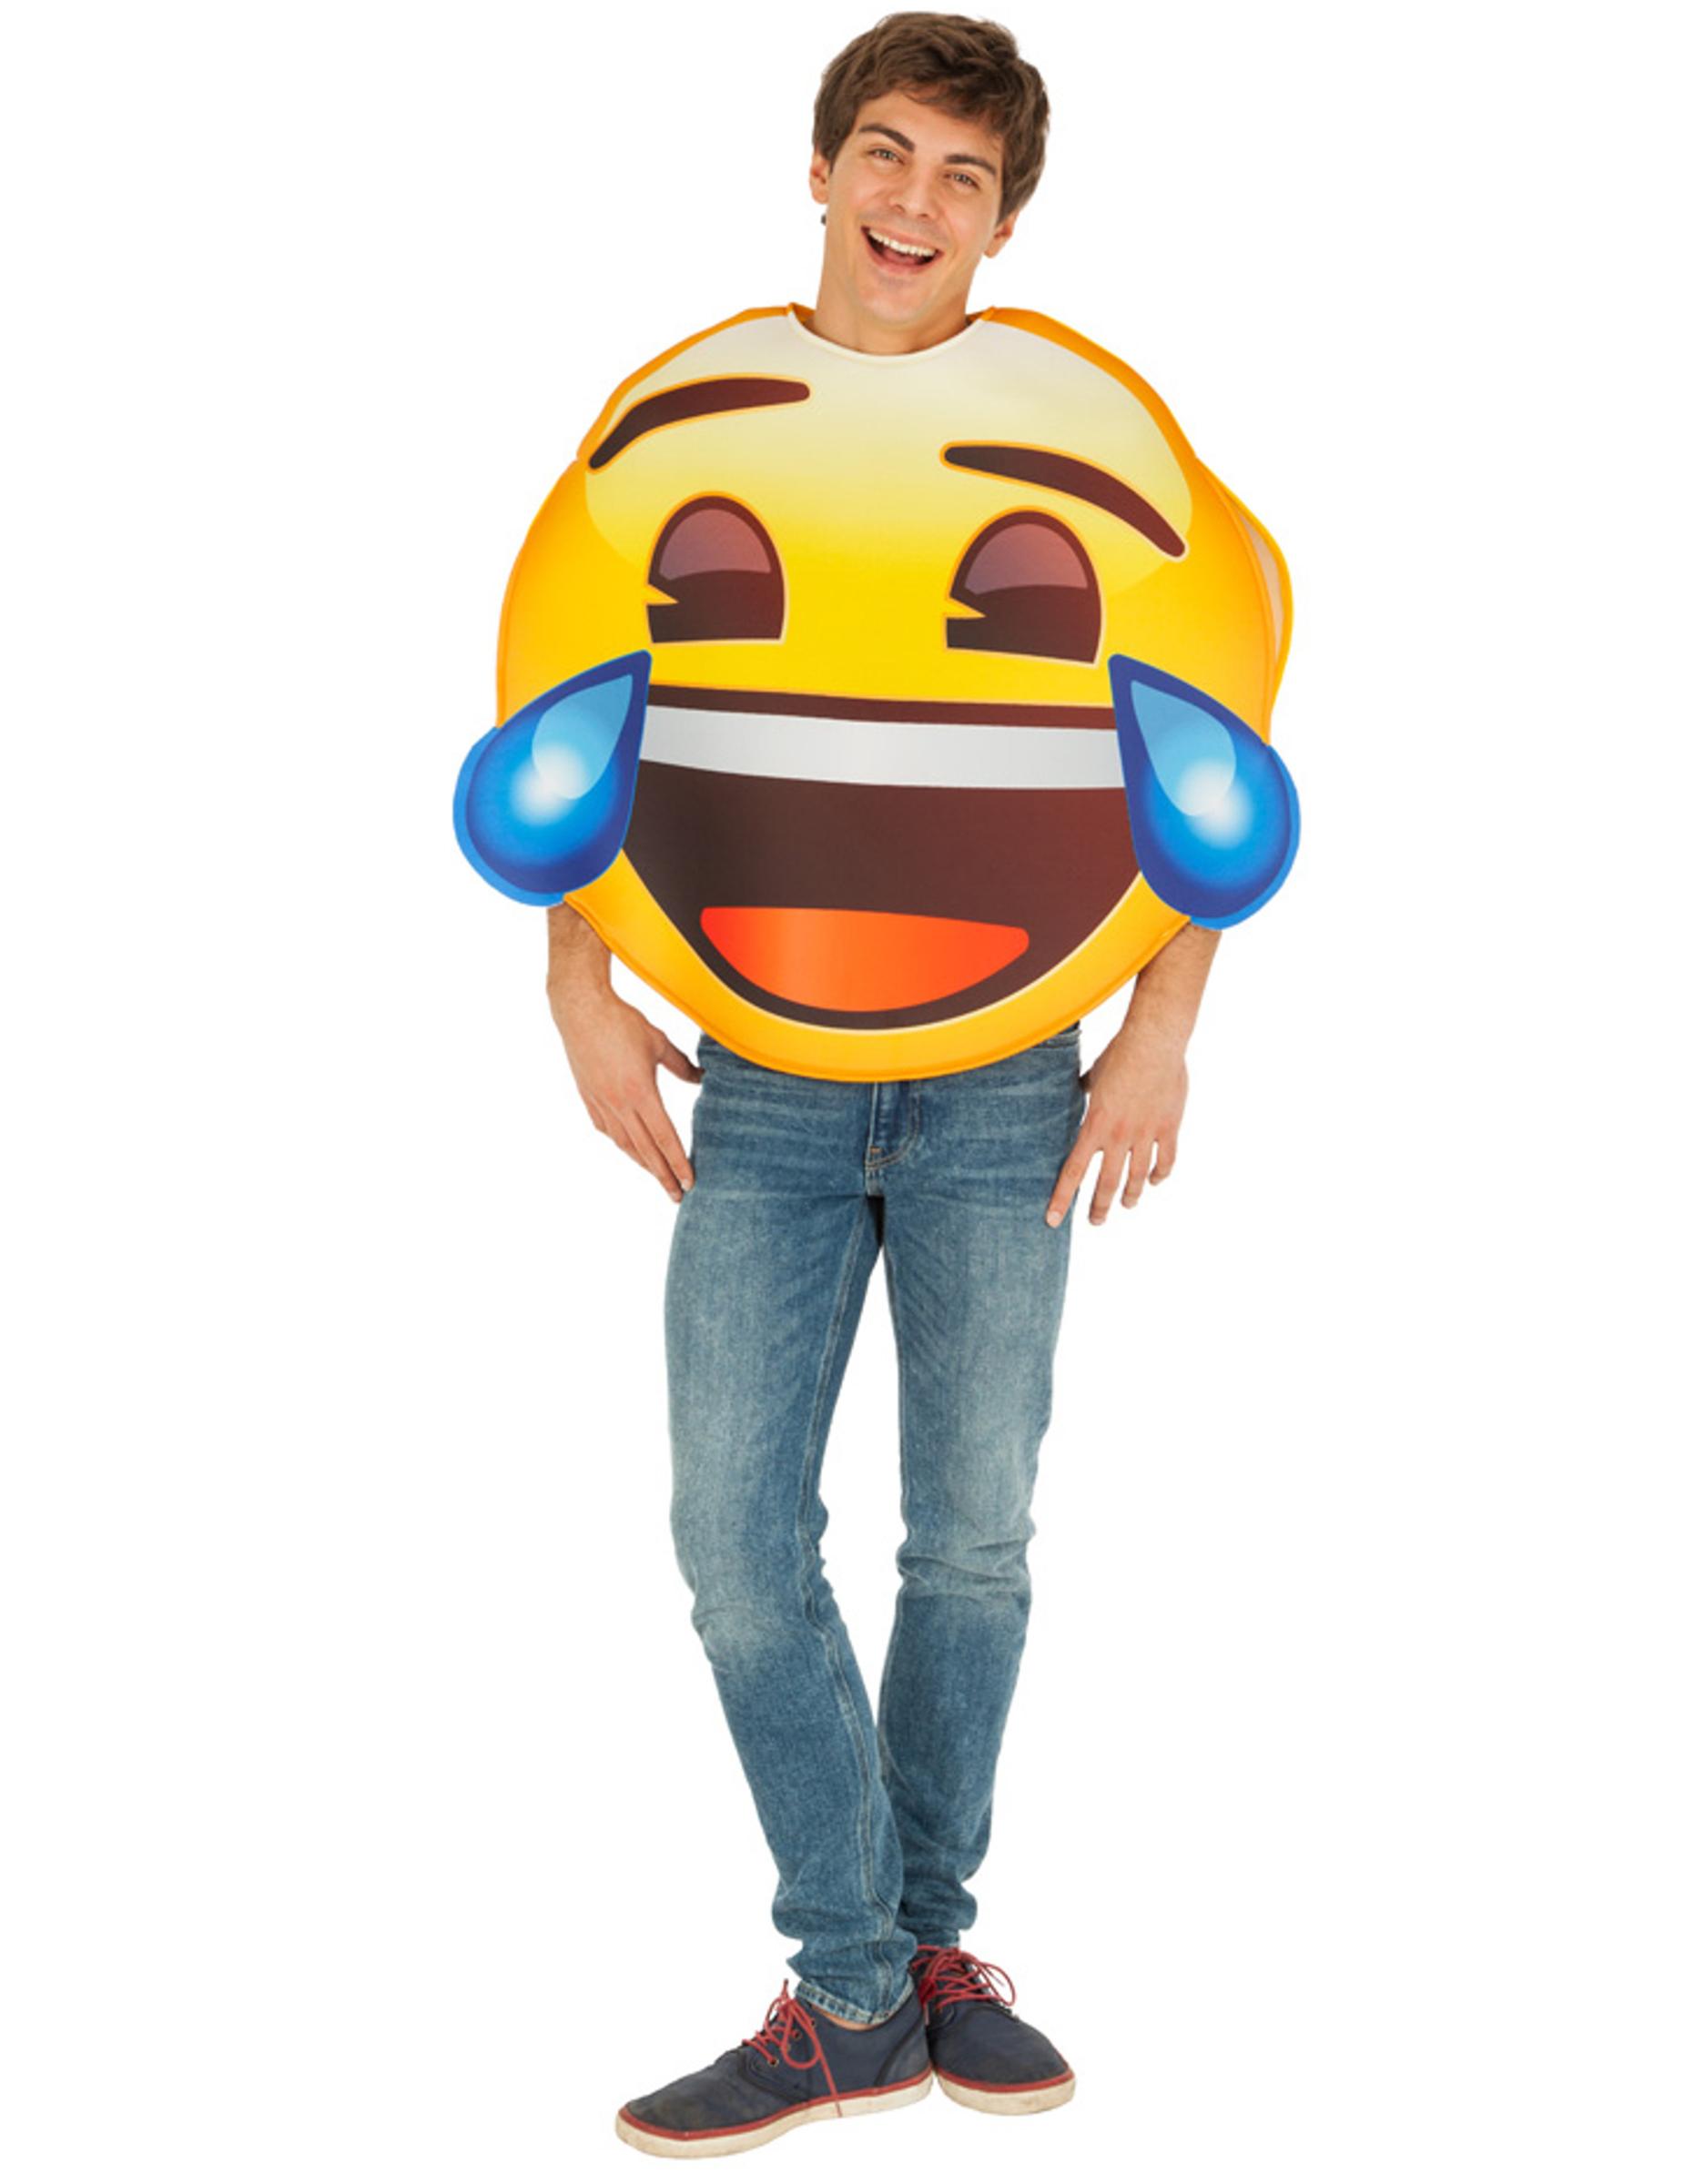 Lachen emoji tränen Emoji Bedeutung: